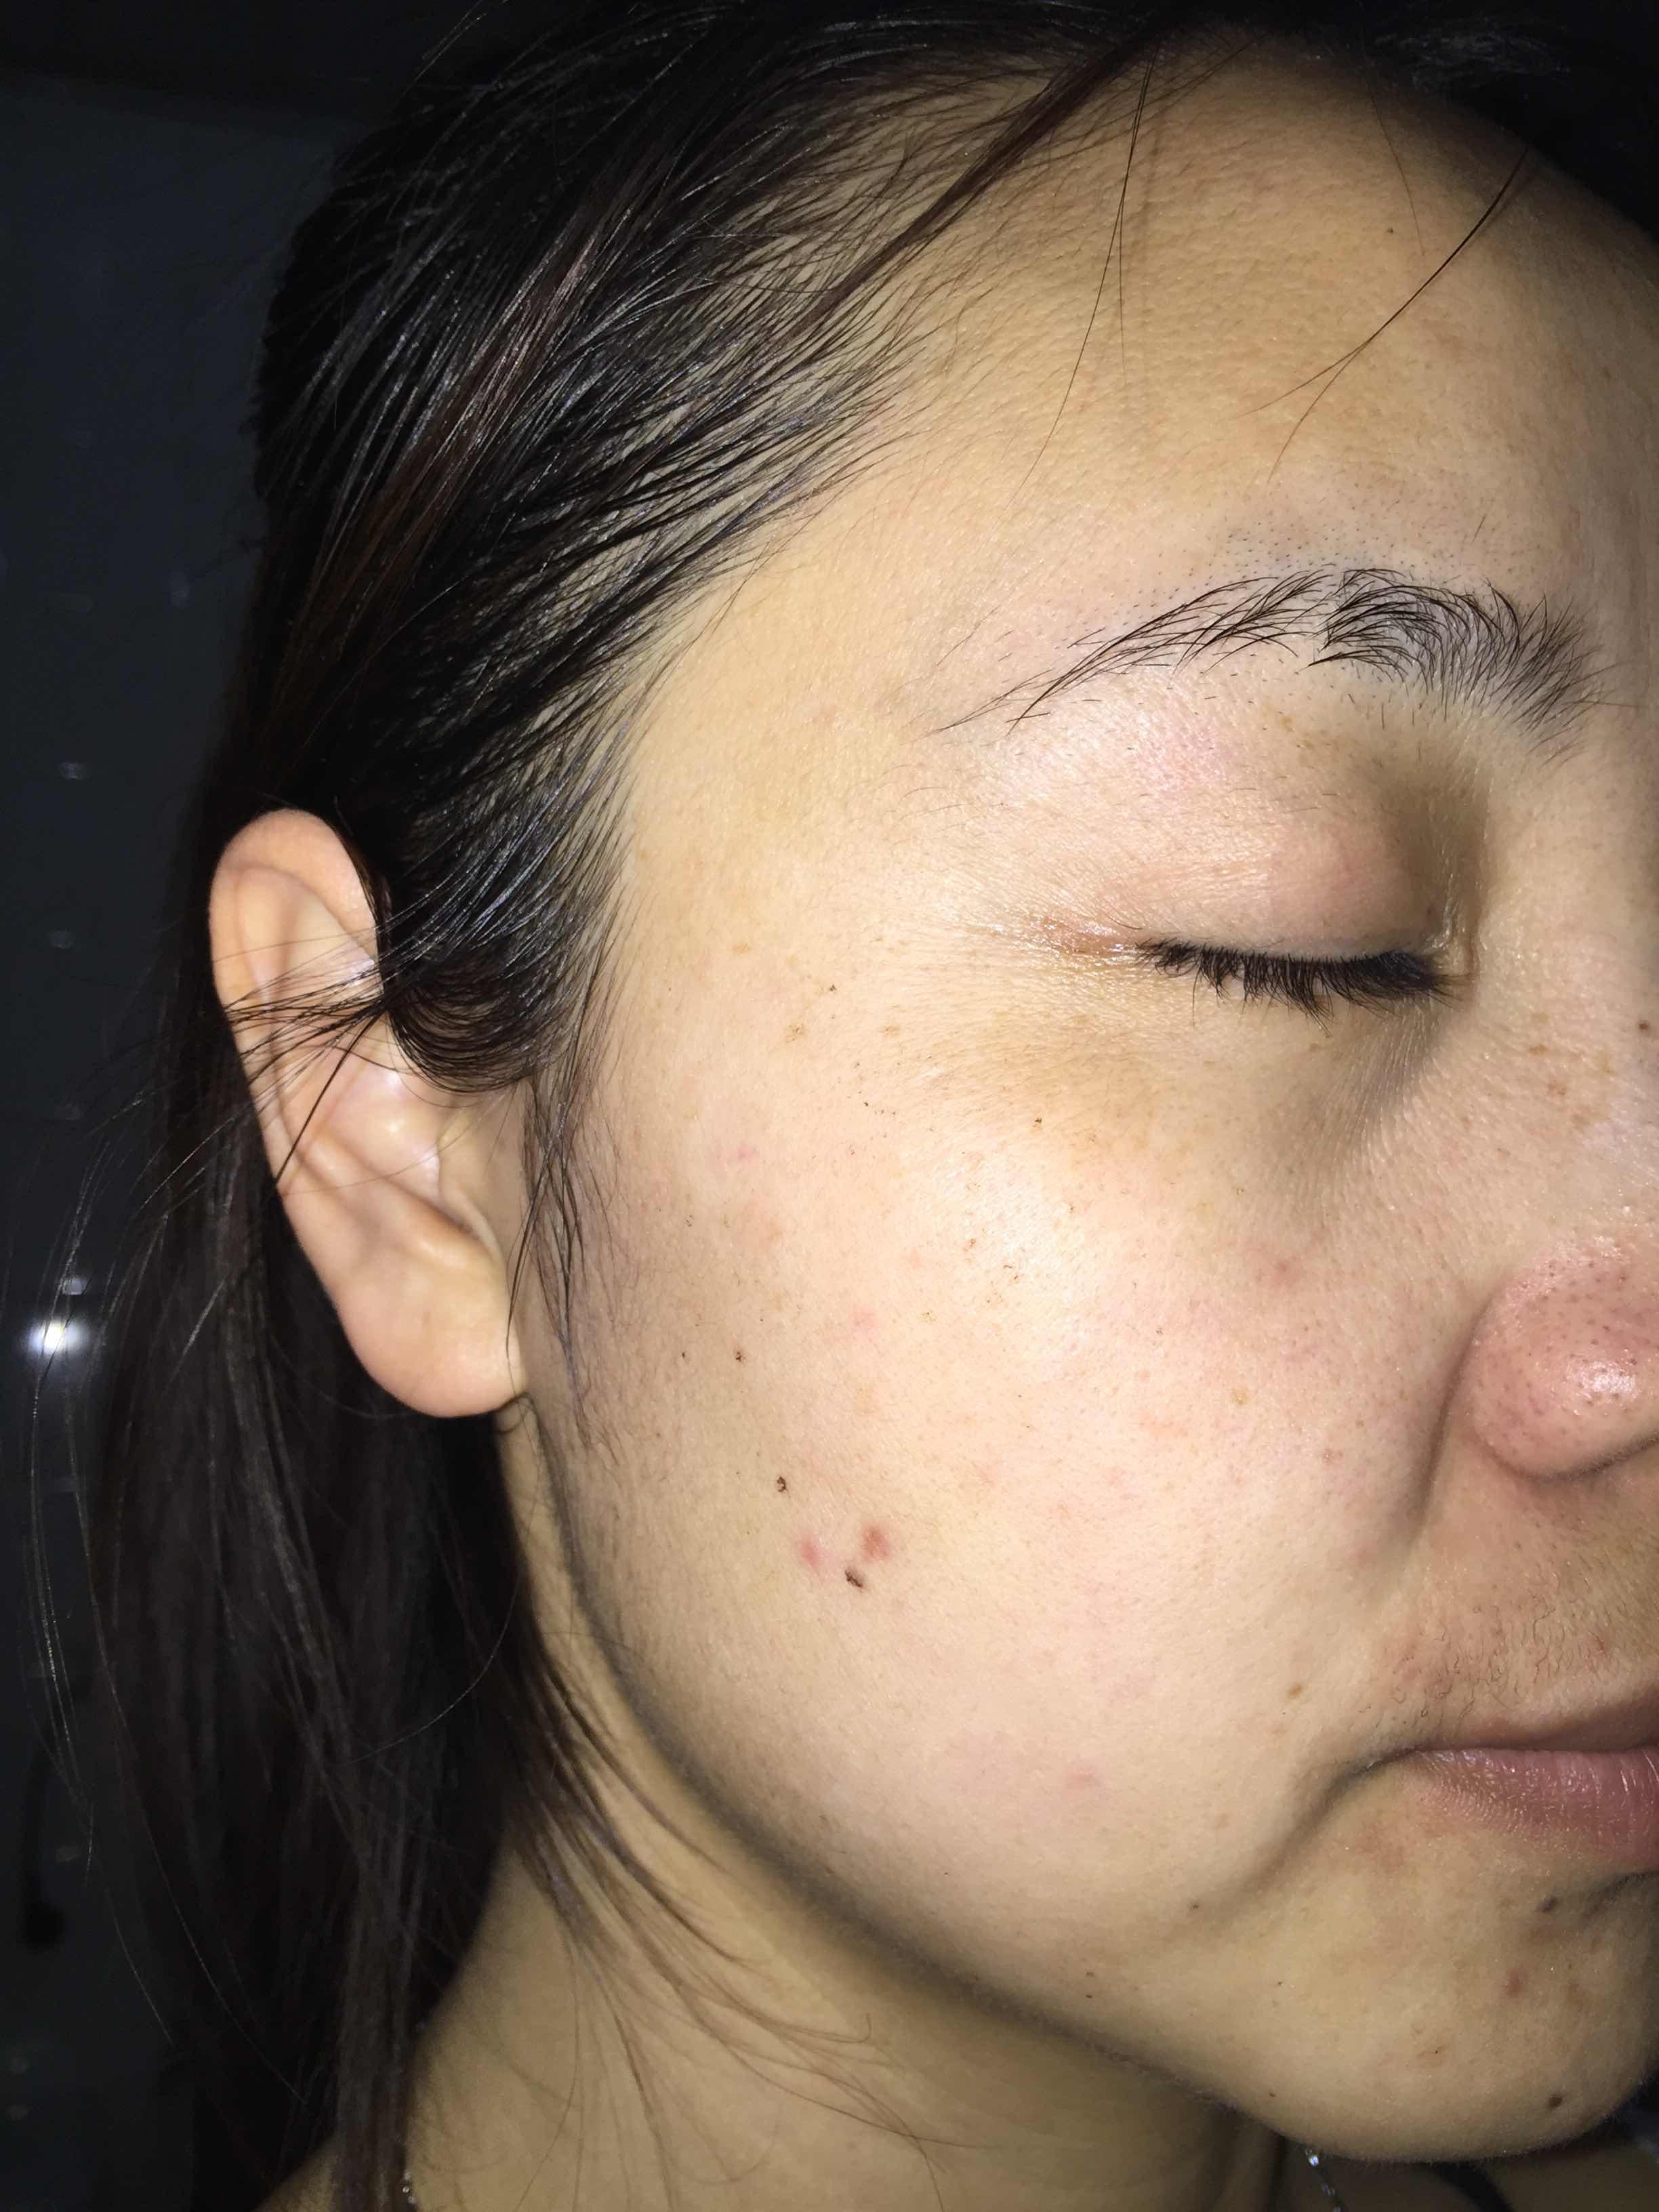 激光去黑点会留疤吗,一周洗脸之后,脸上大部分明显的黑点都掉了,留下了小黑印,没有以前明显